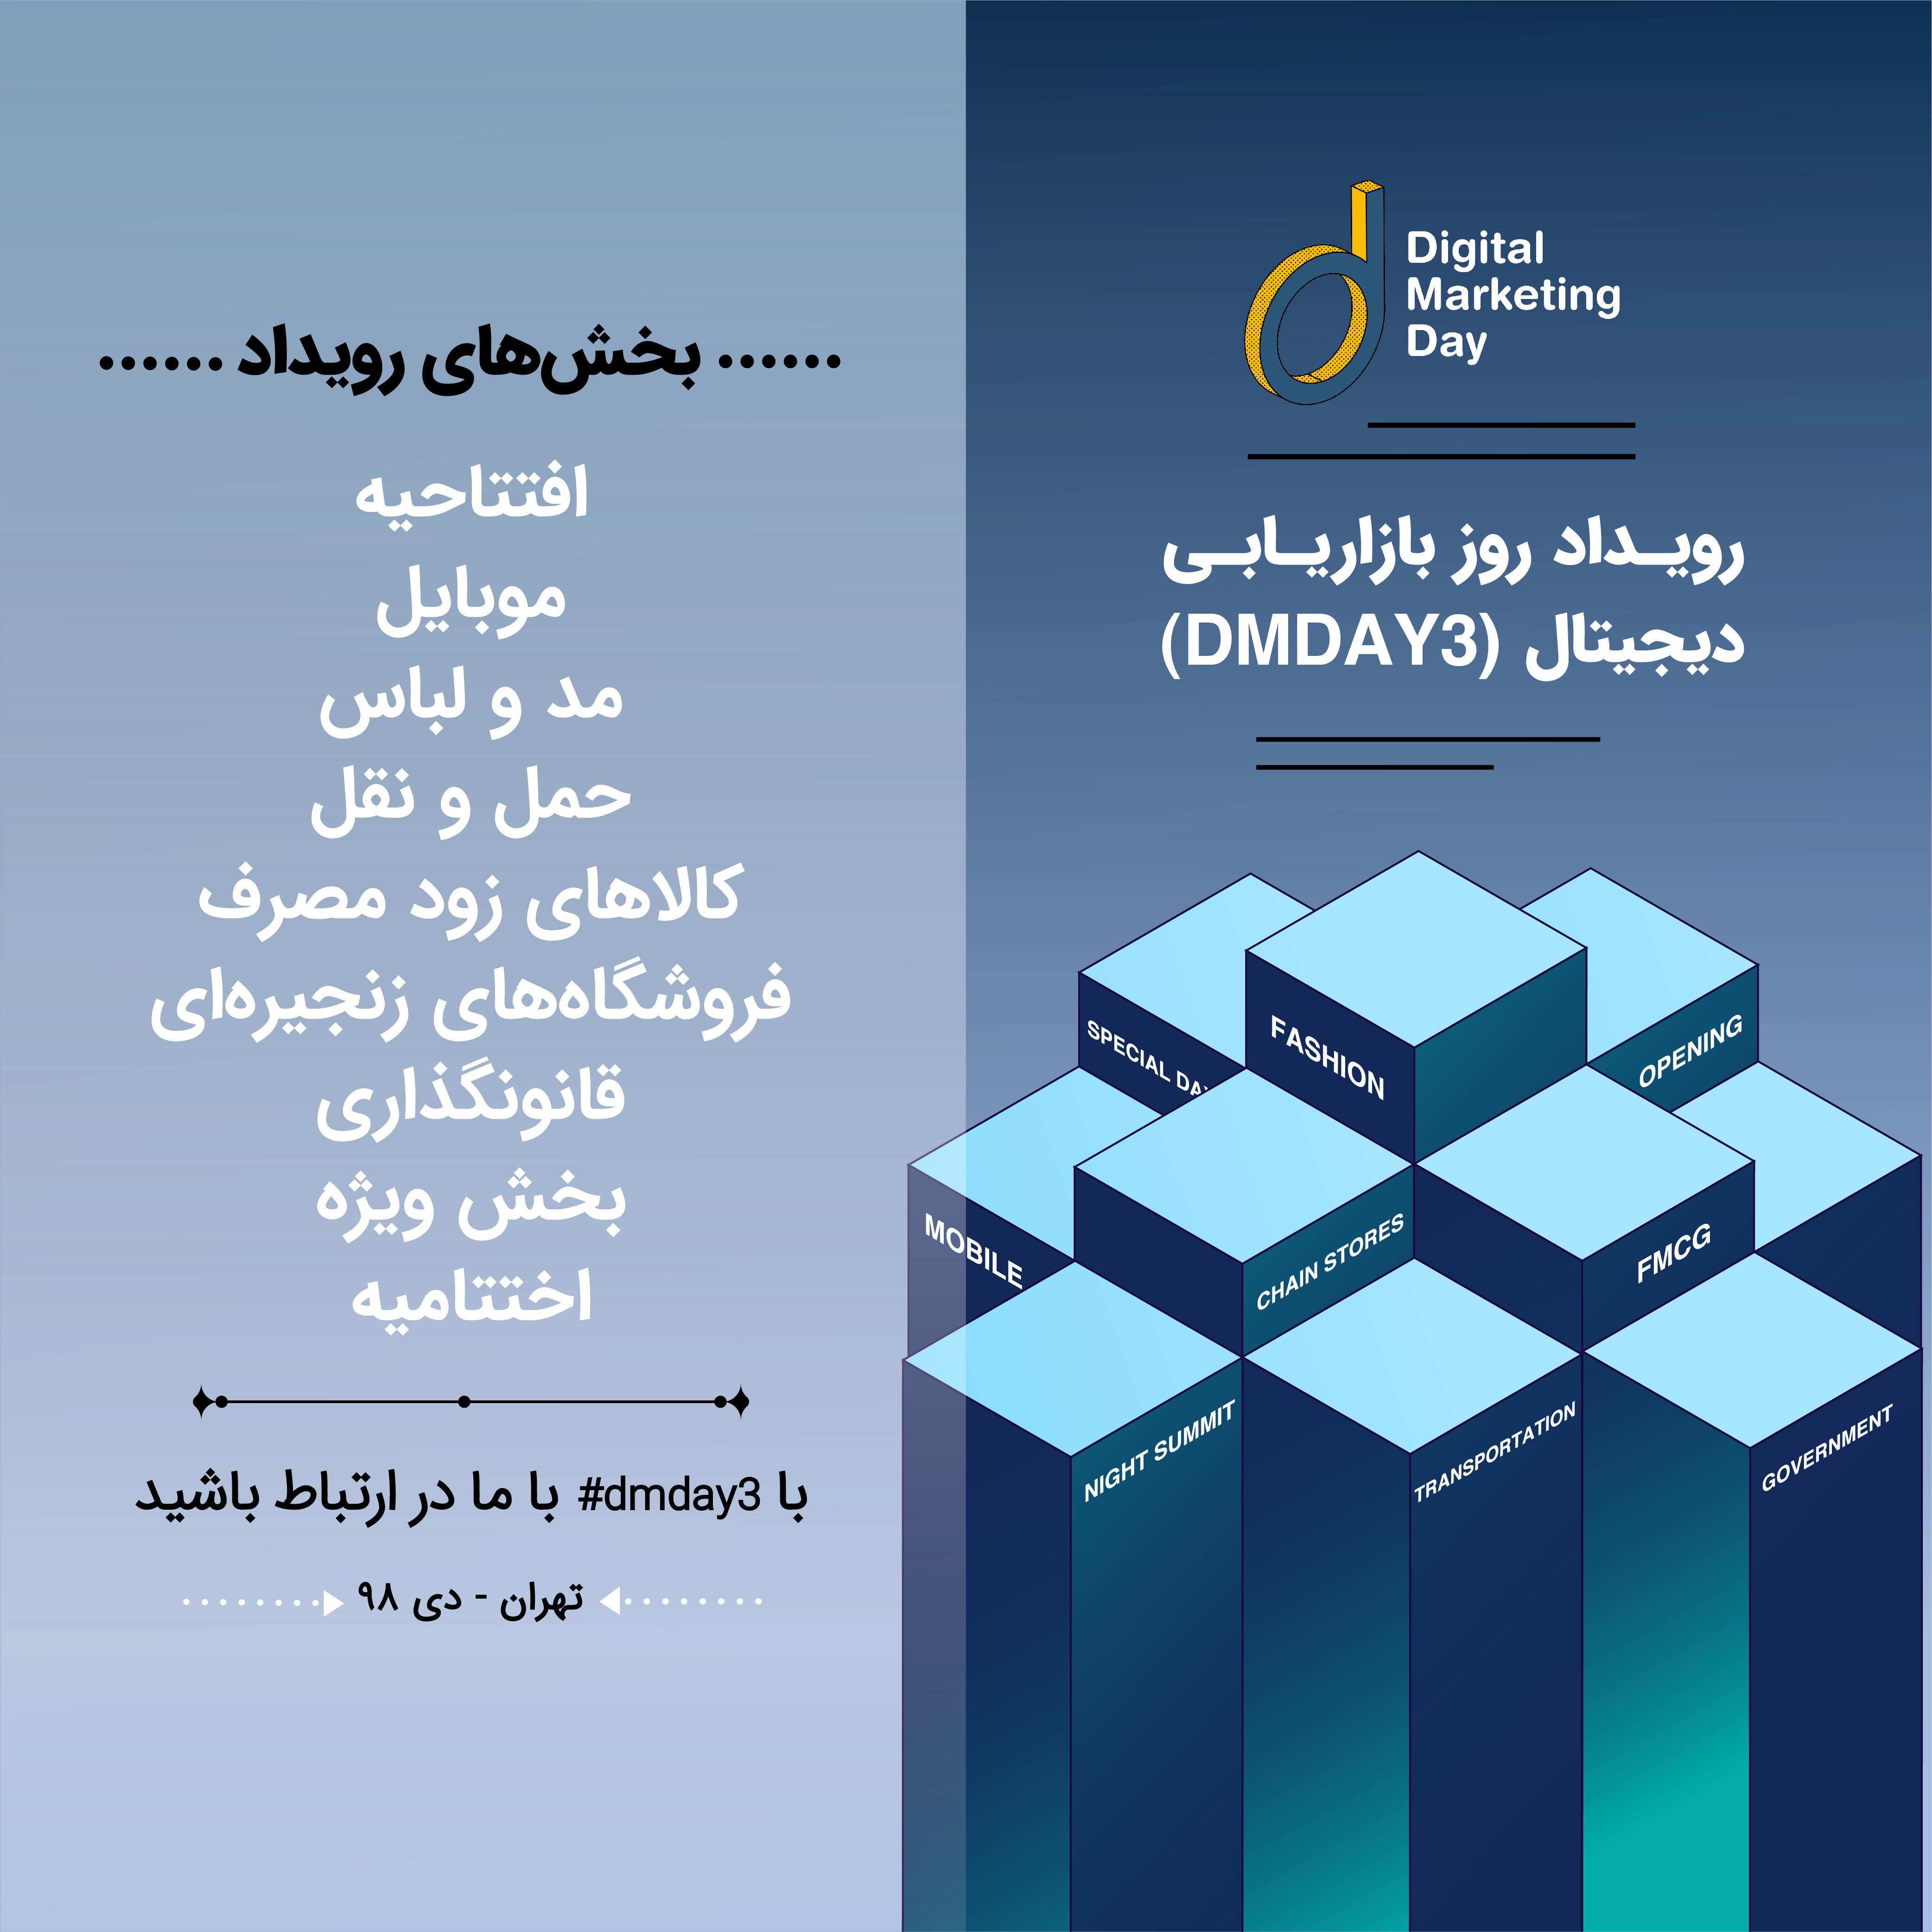 سومین دوره رویداد روز بازاریابی دیجیتال!